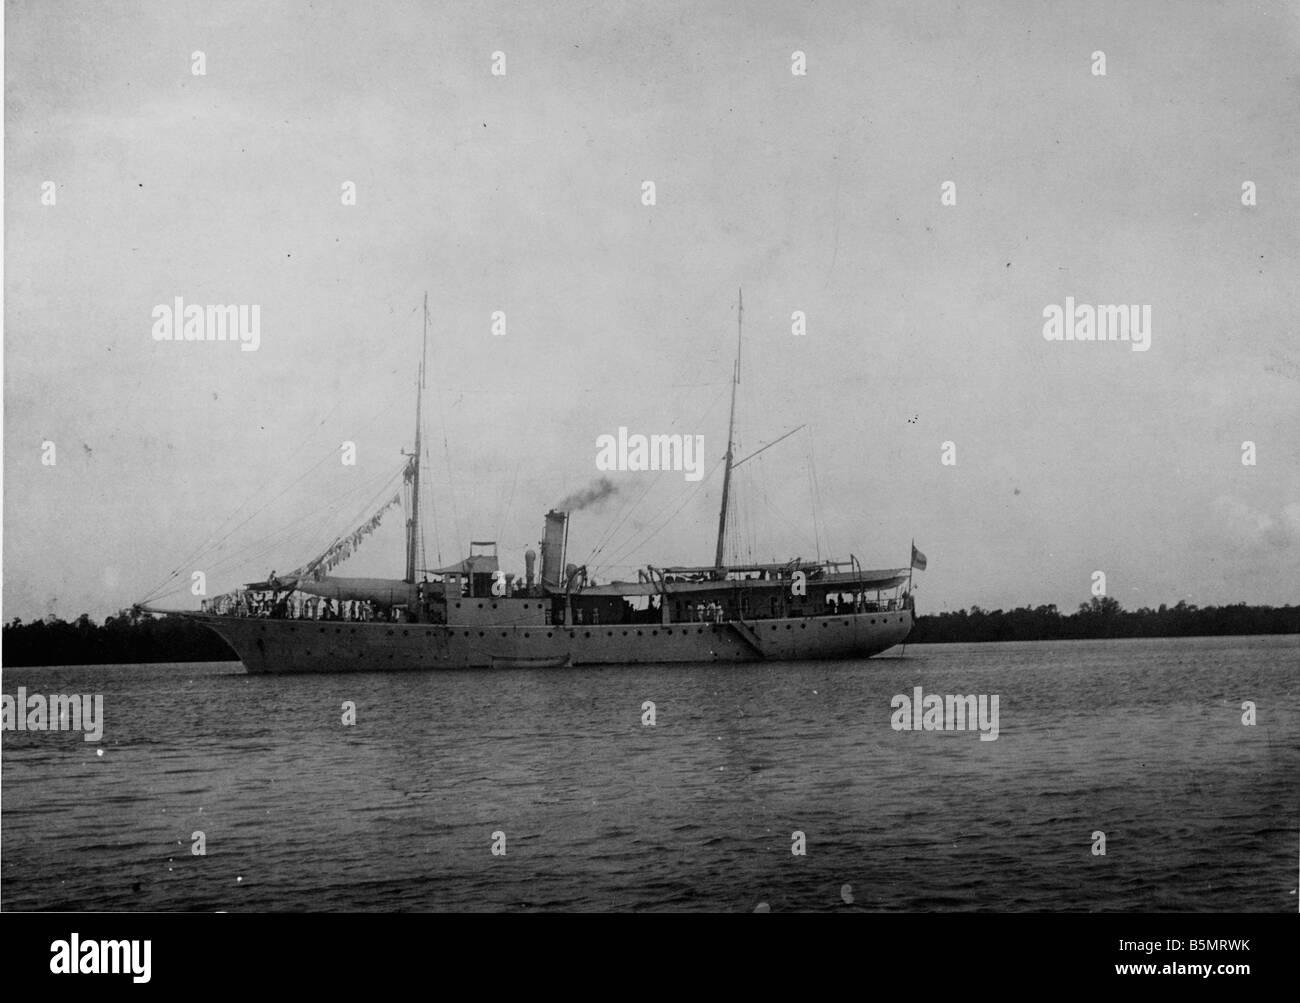 S M S Foto Rufidji Moewe en África Oriental Alemana ahora Tanzania como una colonia alemana 1884 1920 S M S Moewe en Rufidji Foto 1914 Foto de stock